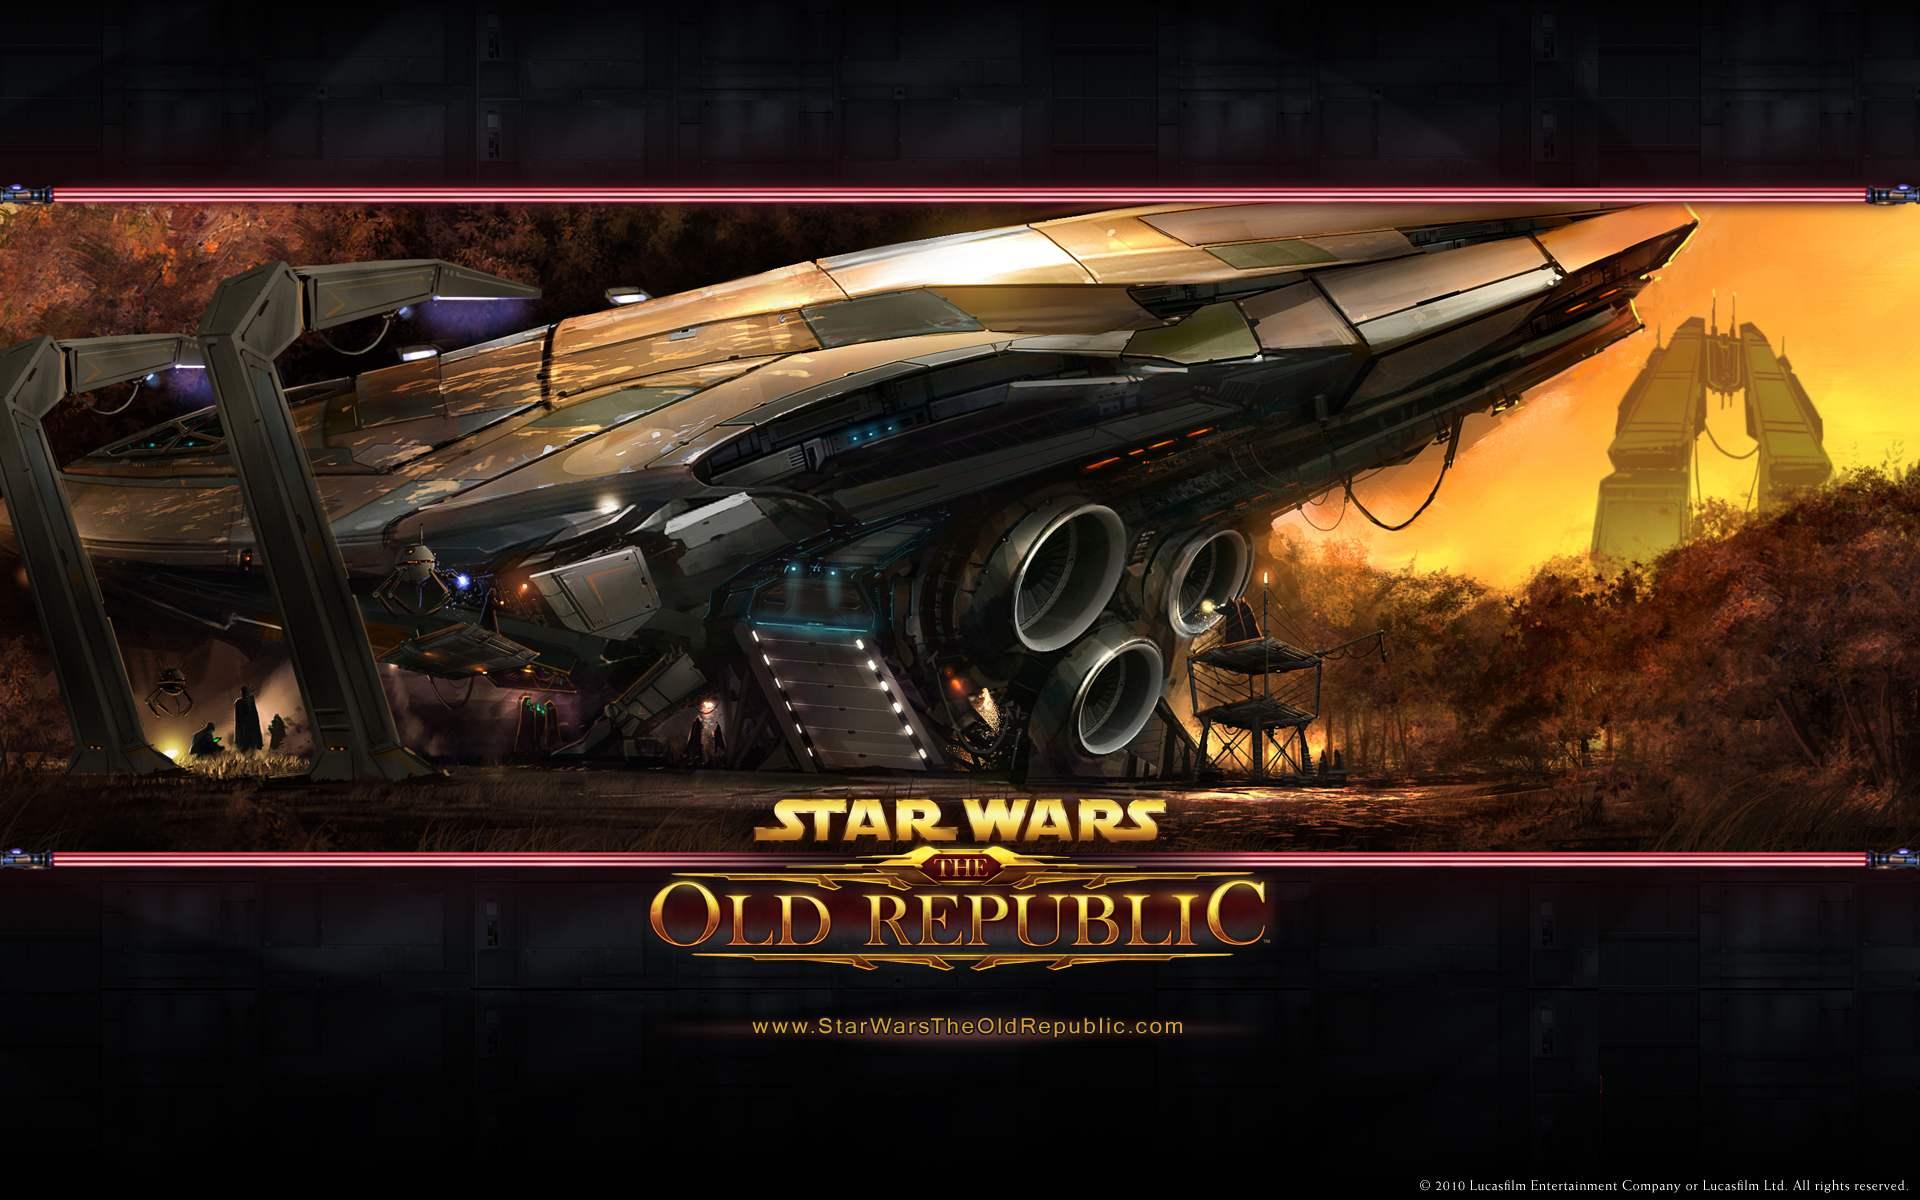 Star Wars - Movie / Spaceships